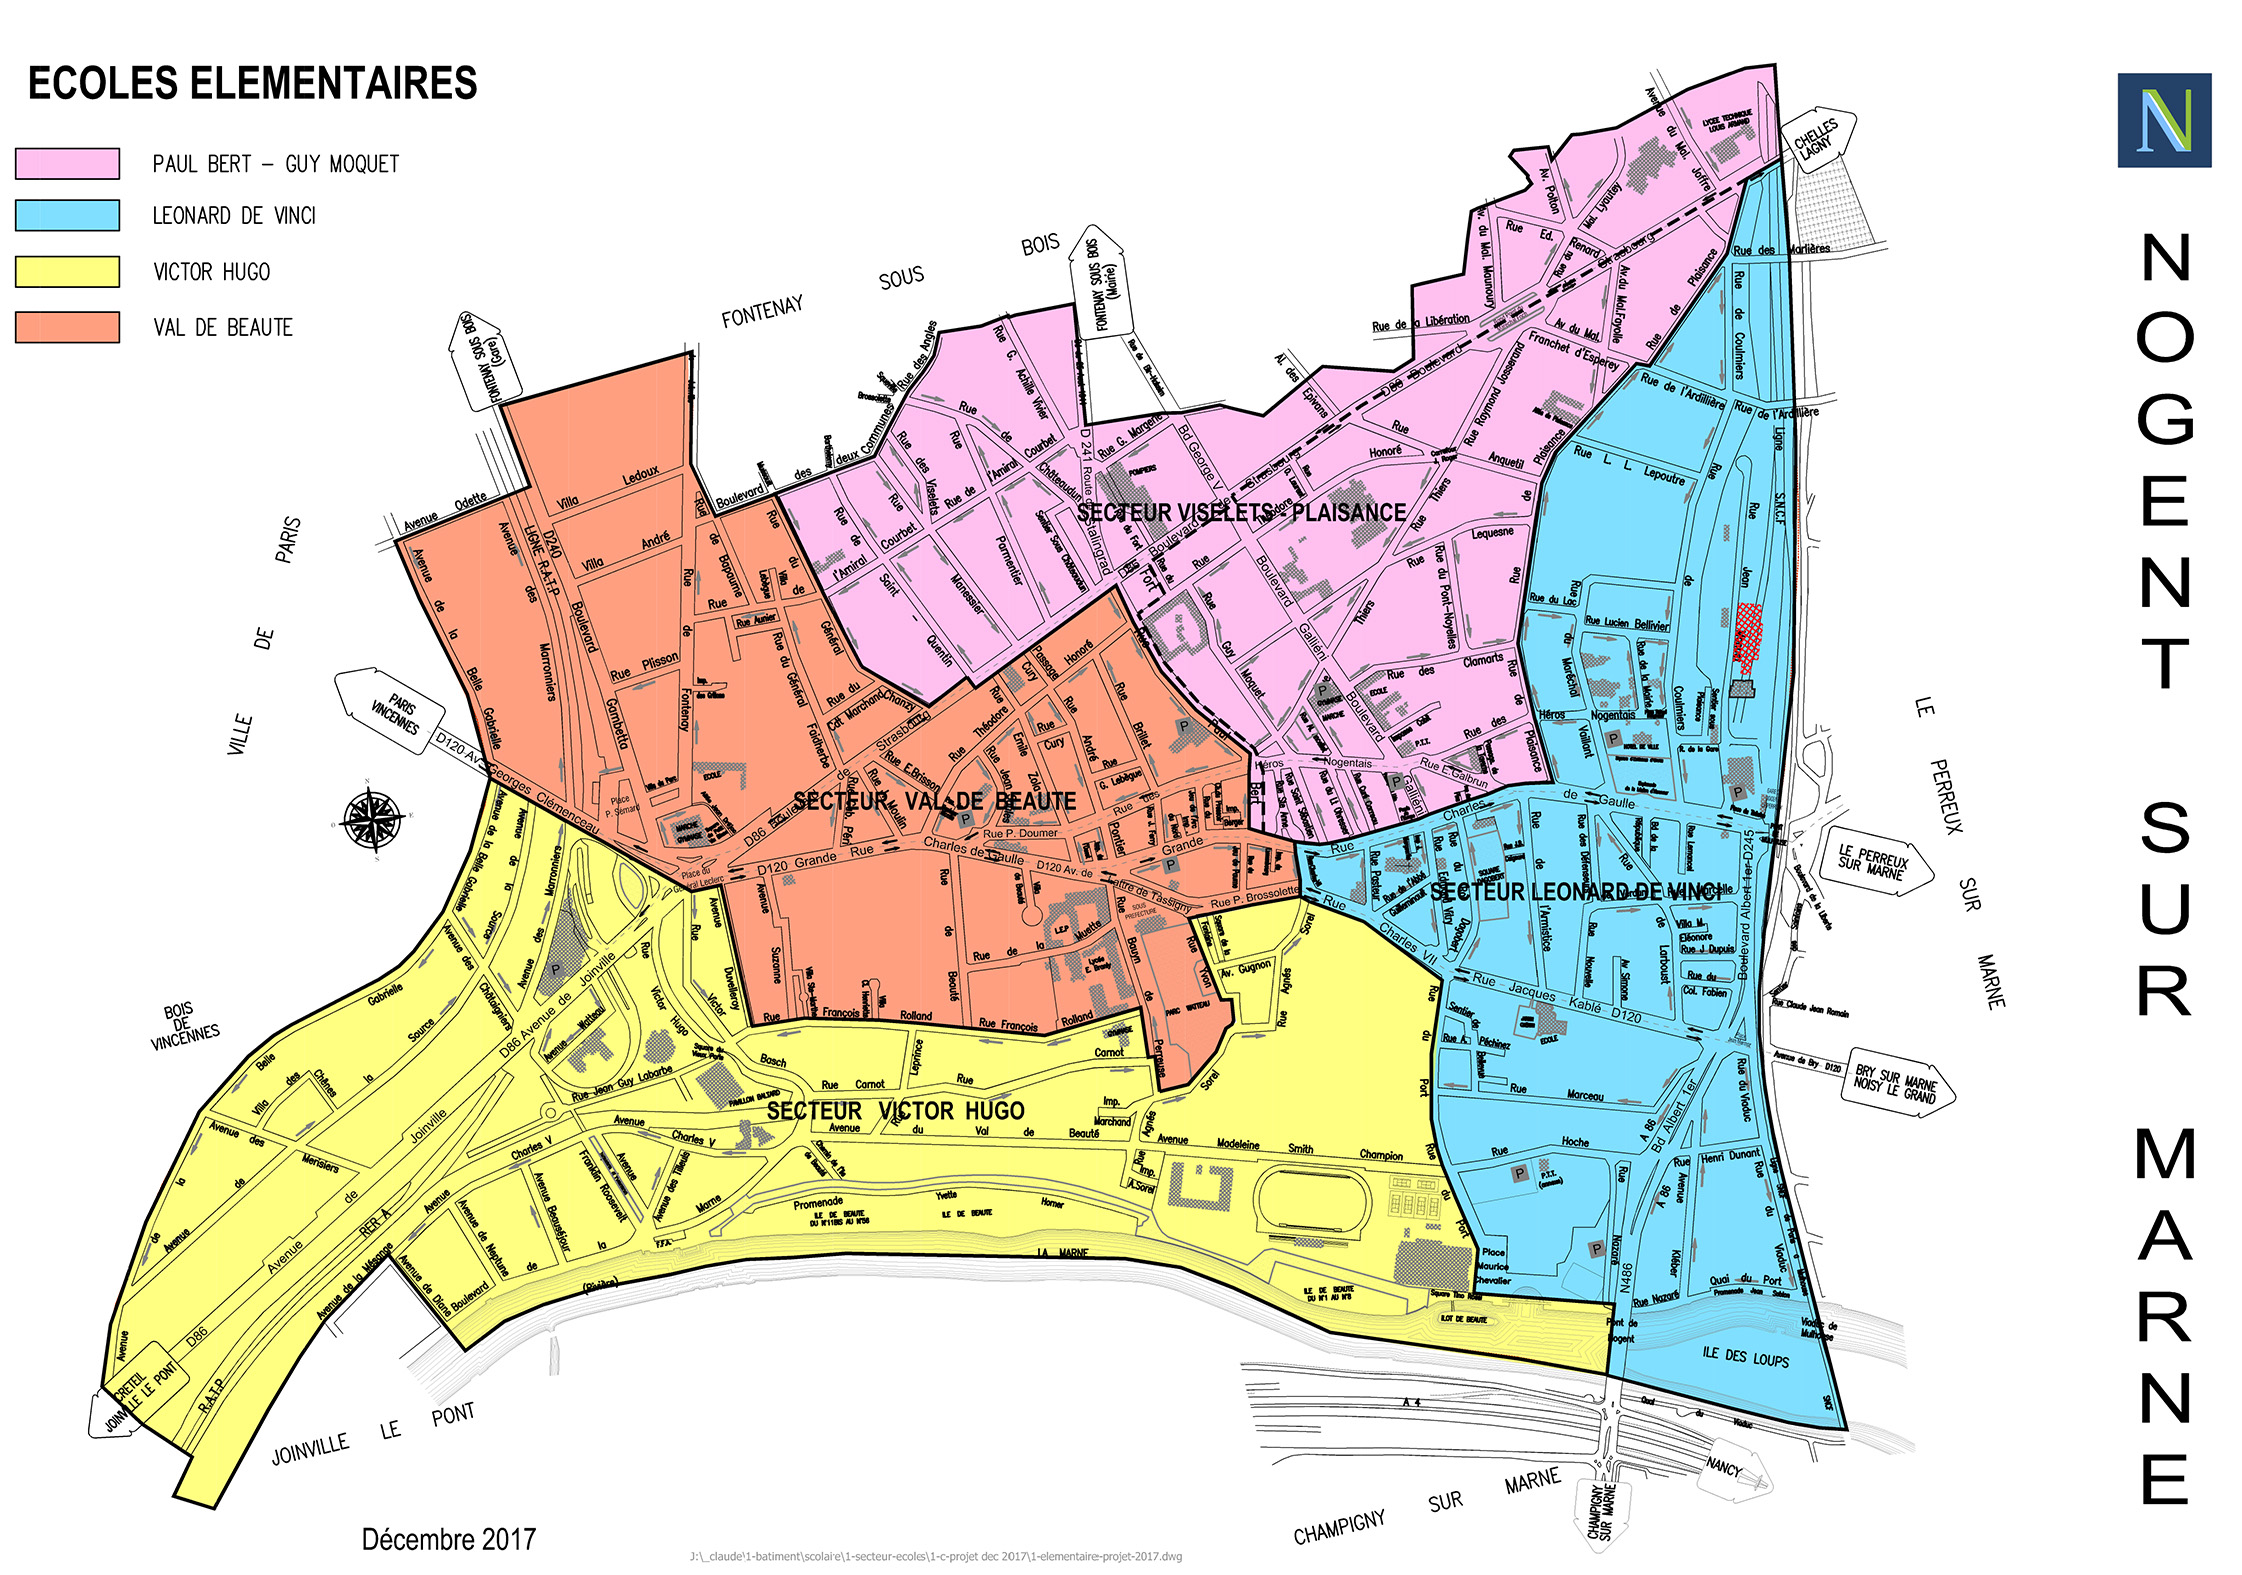 Calendrier Garde Classique 2019 Zone B.Scolaire Periscolaire Ville De Nogent Sur Marne